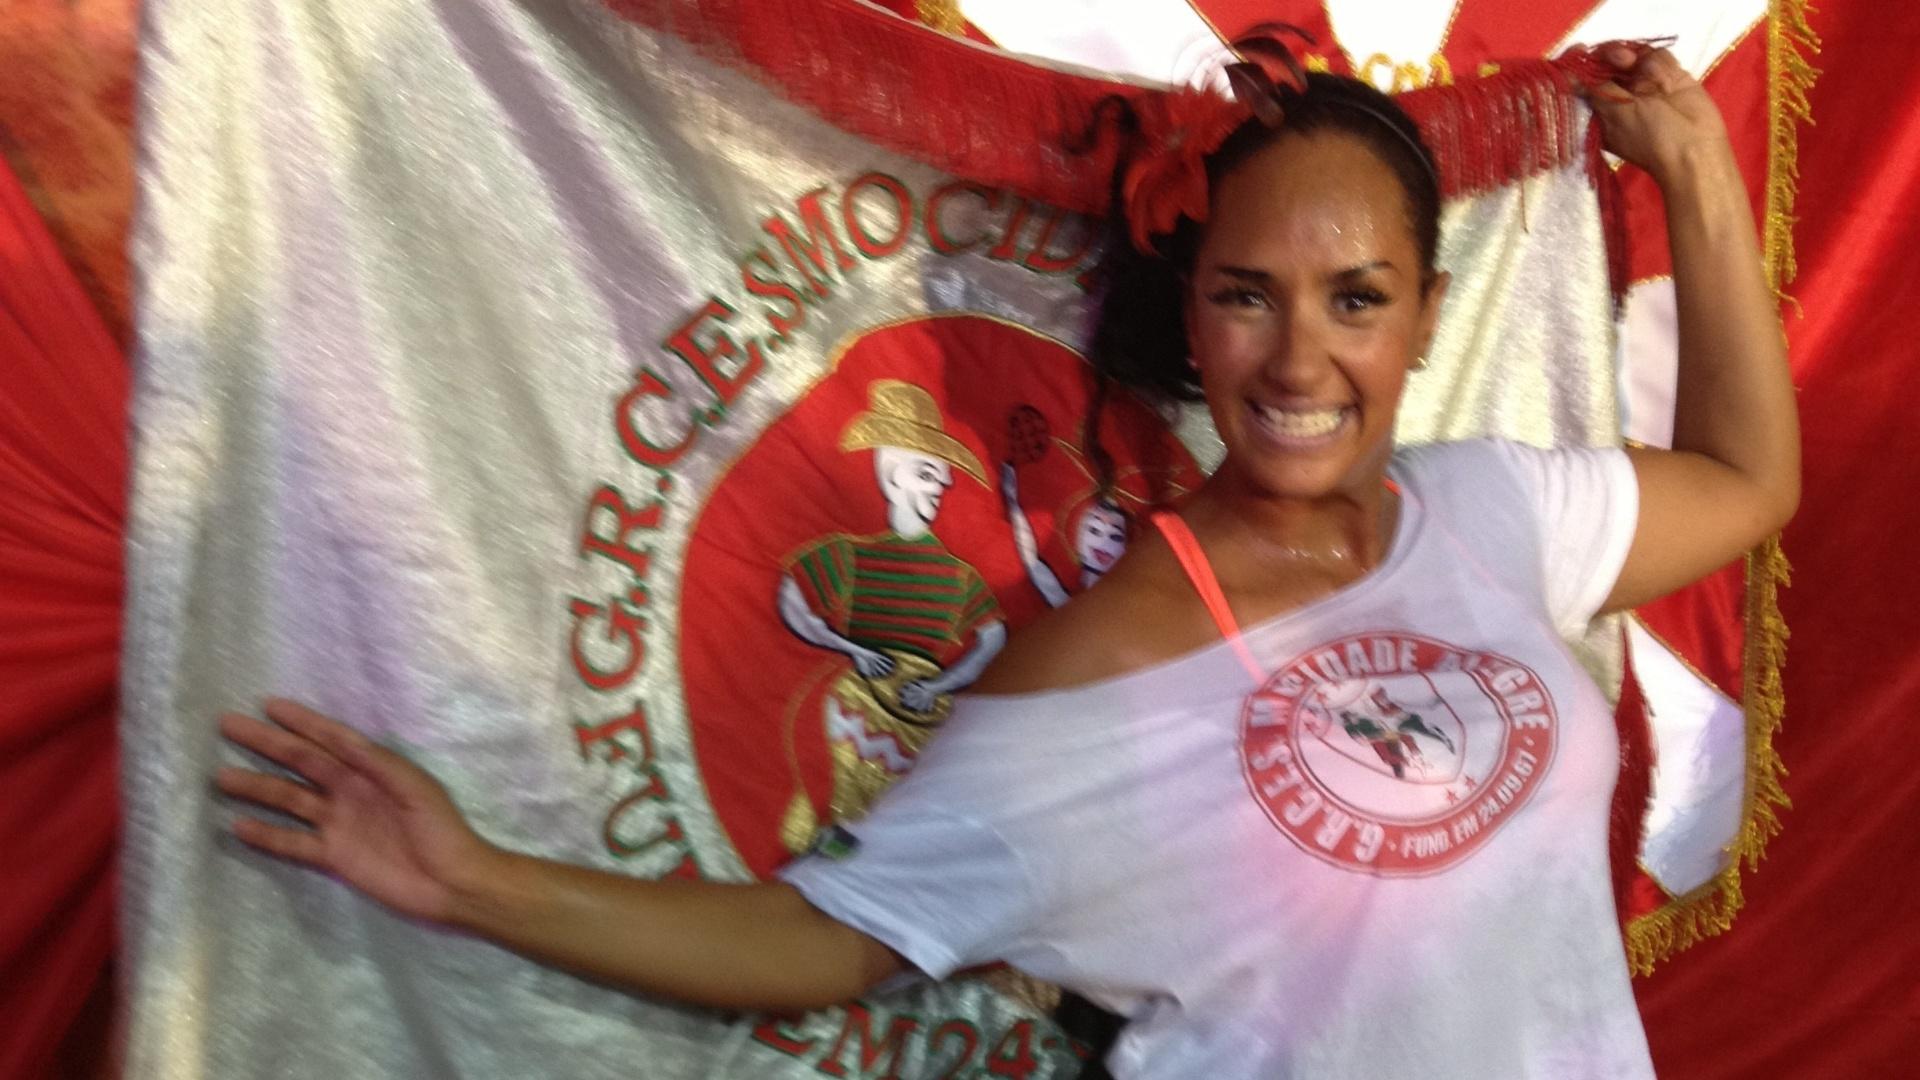 12.fev.2013 - Nani Moreira posa junto à bandeira da Mocidade Alegre